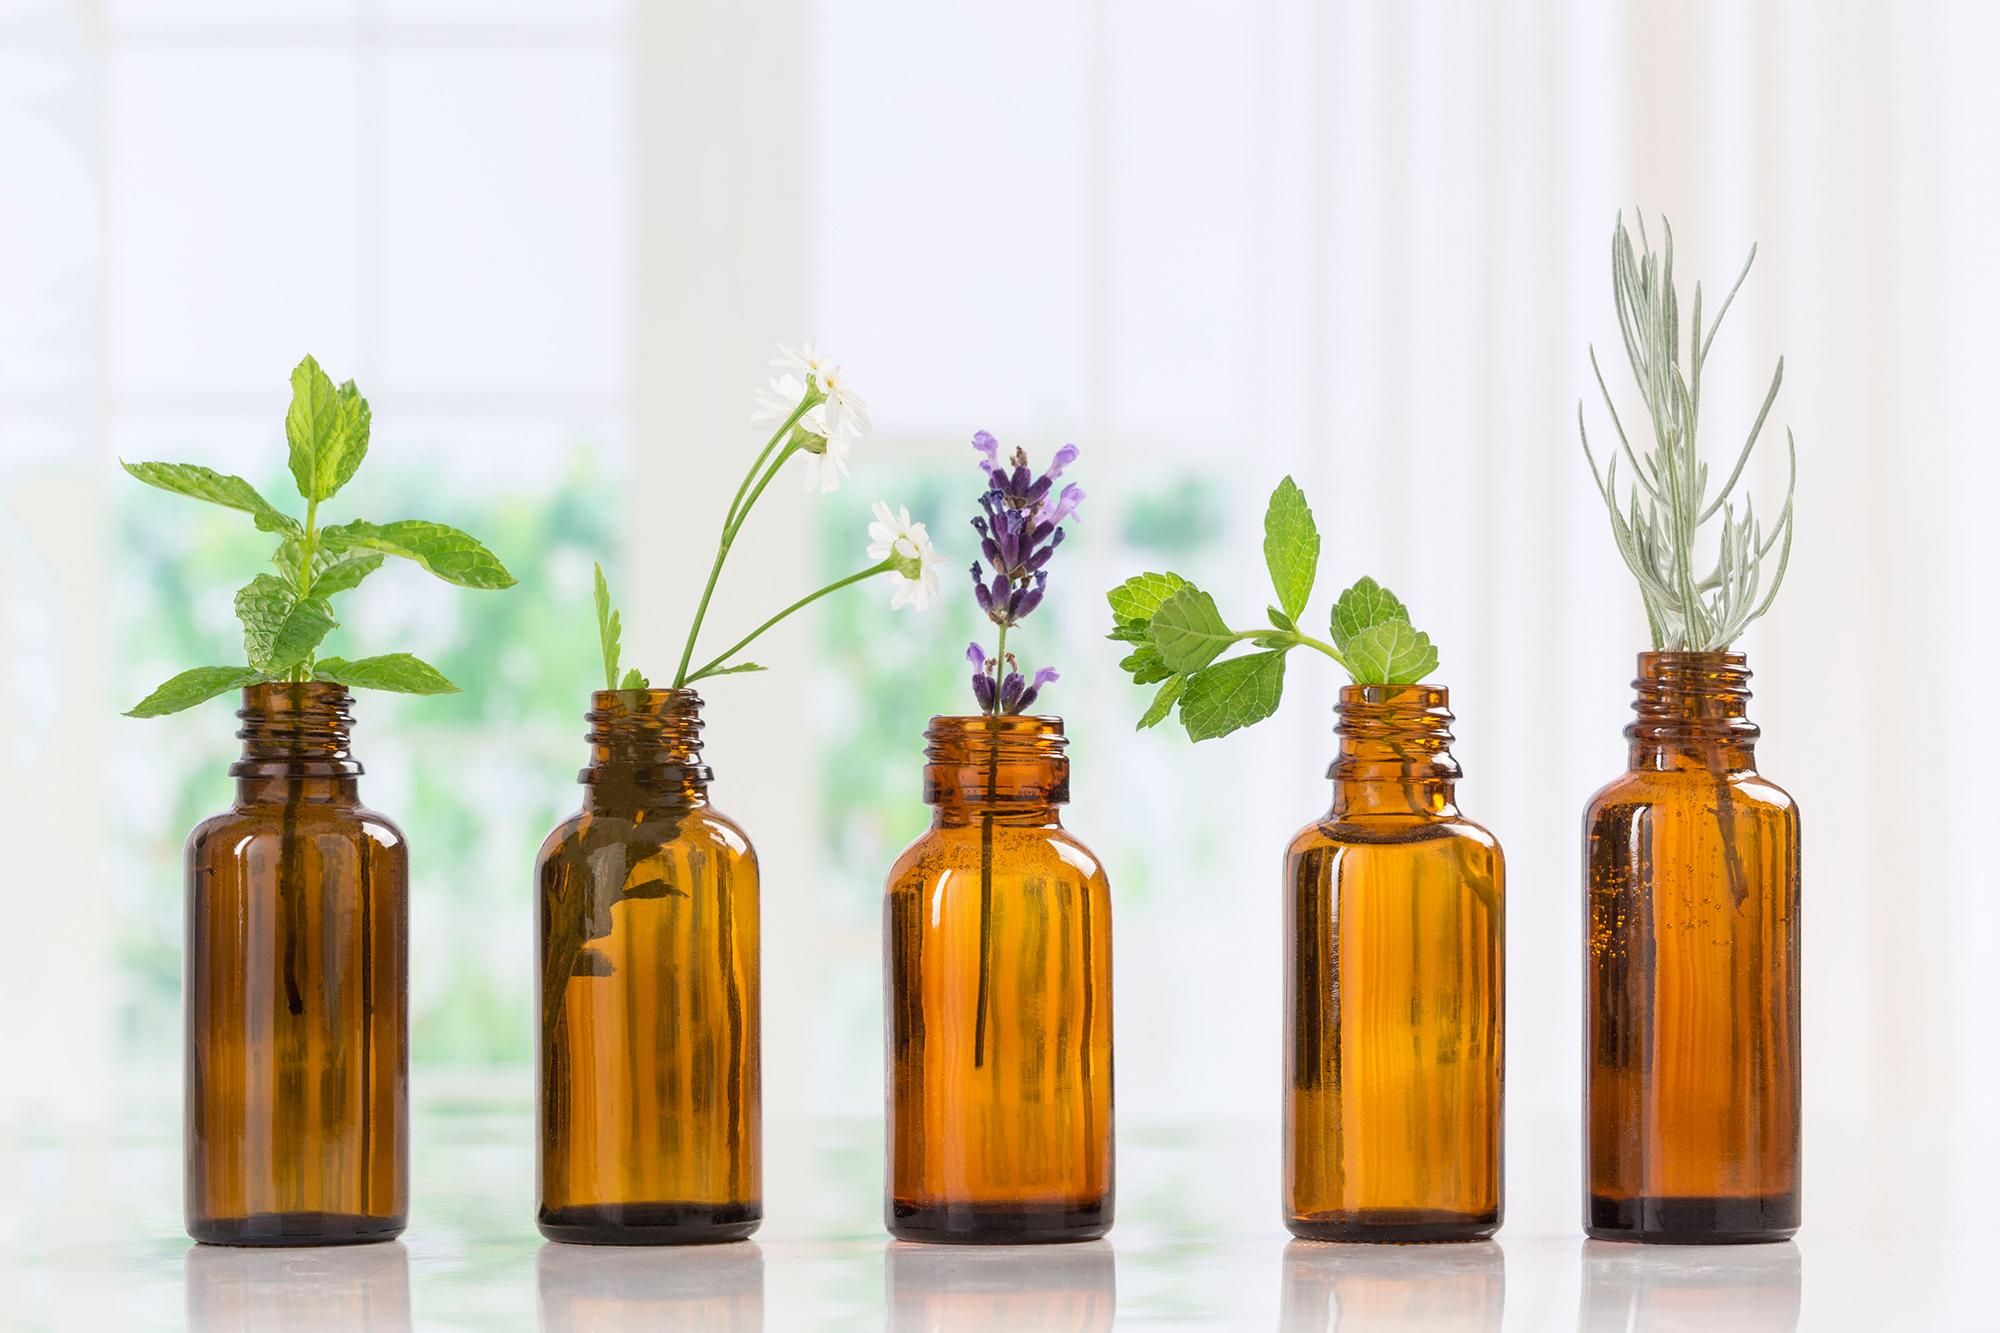 Verschiedene ätherische Öle haben beruhigende oder auch stimulierende Wirkung auf Körper, Geist und Seele.